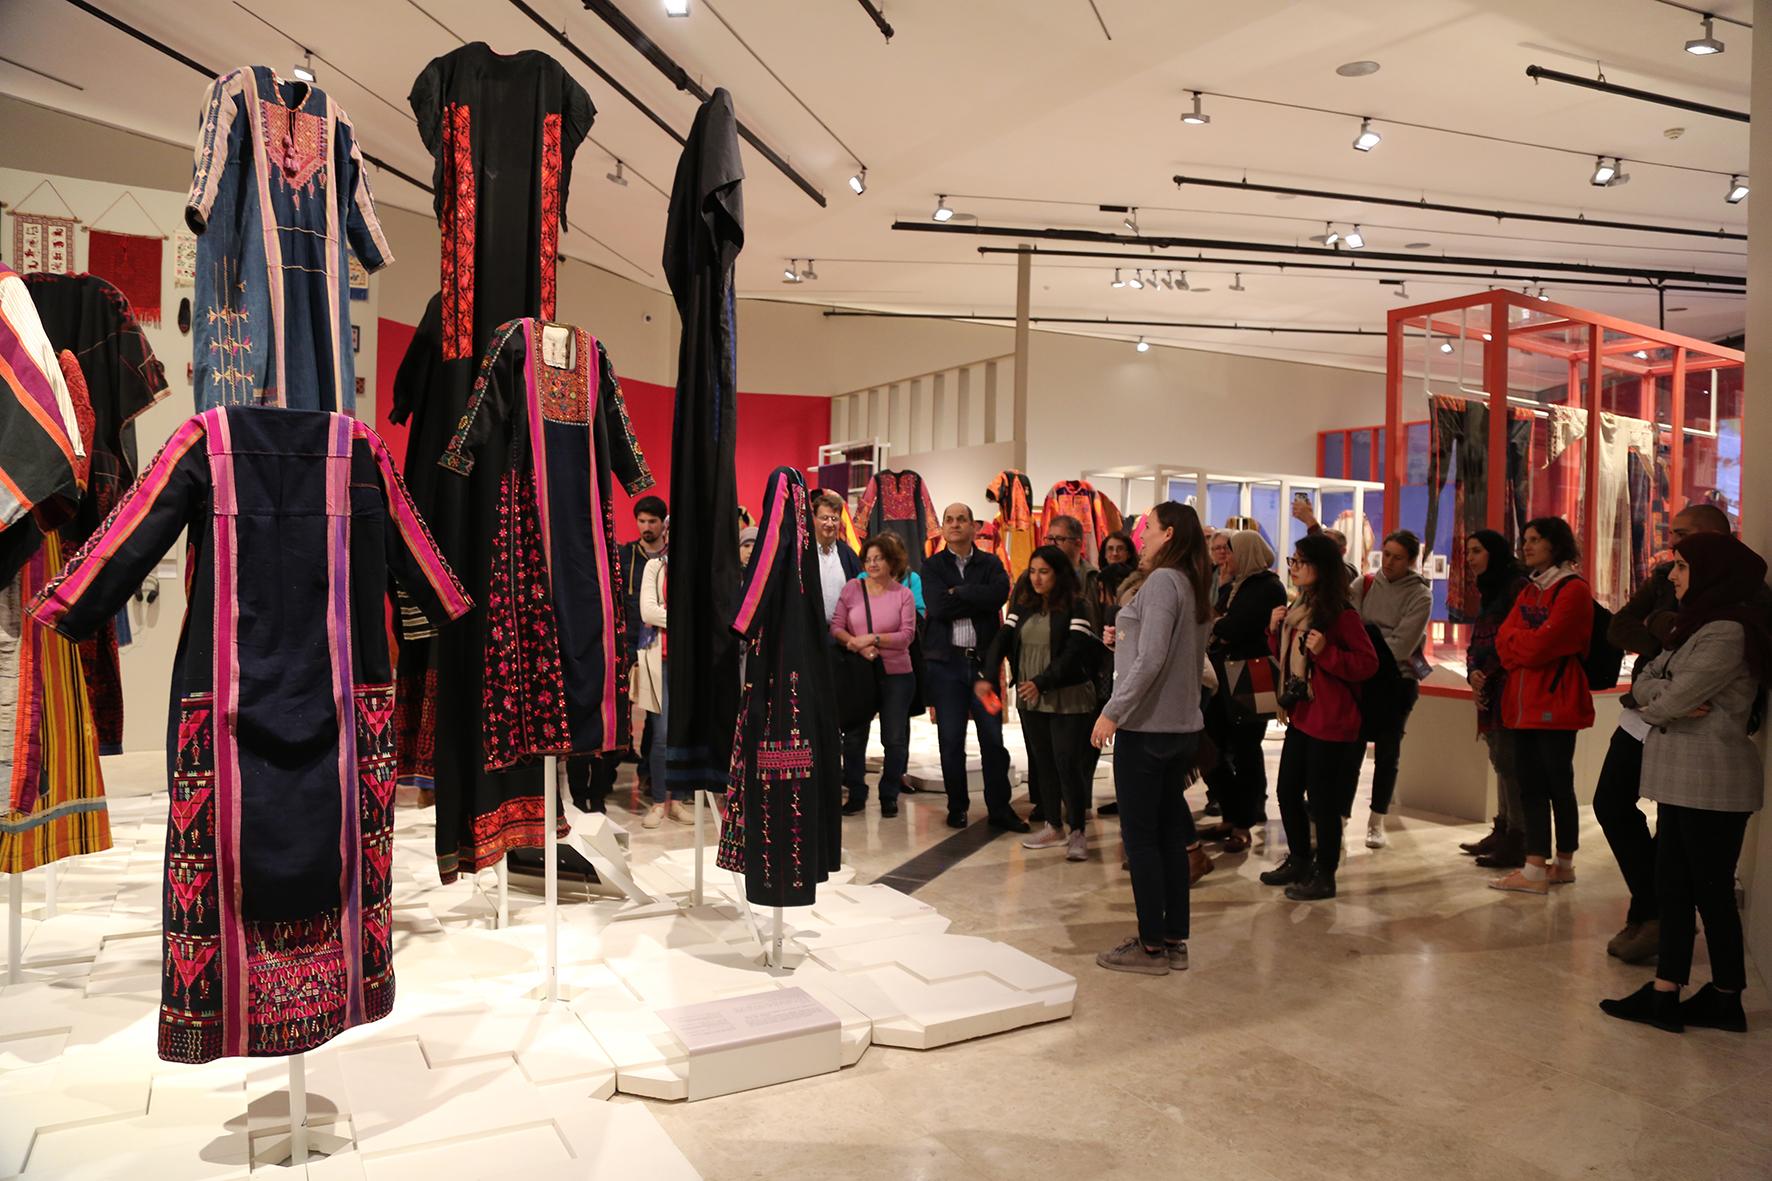 المتحف الفلسطيني يبدأ فعالياته المرافقة لمعرض